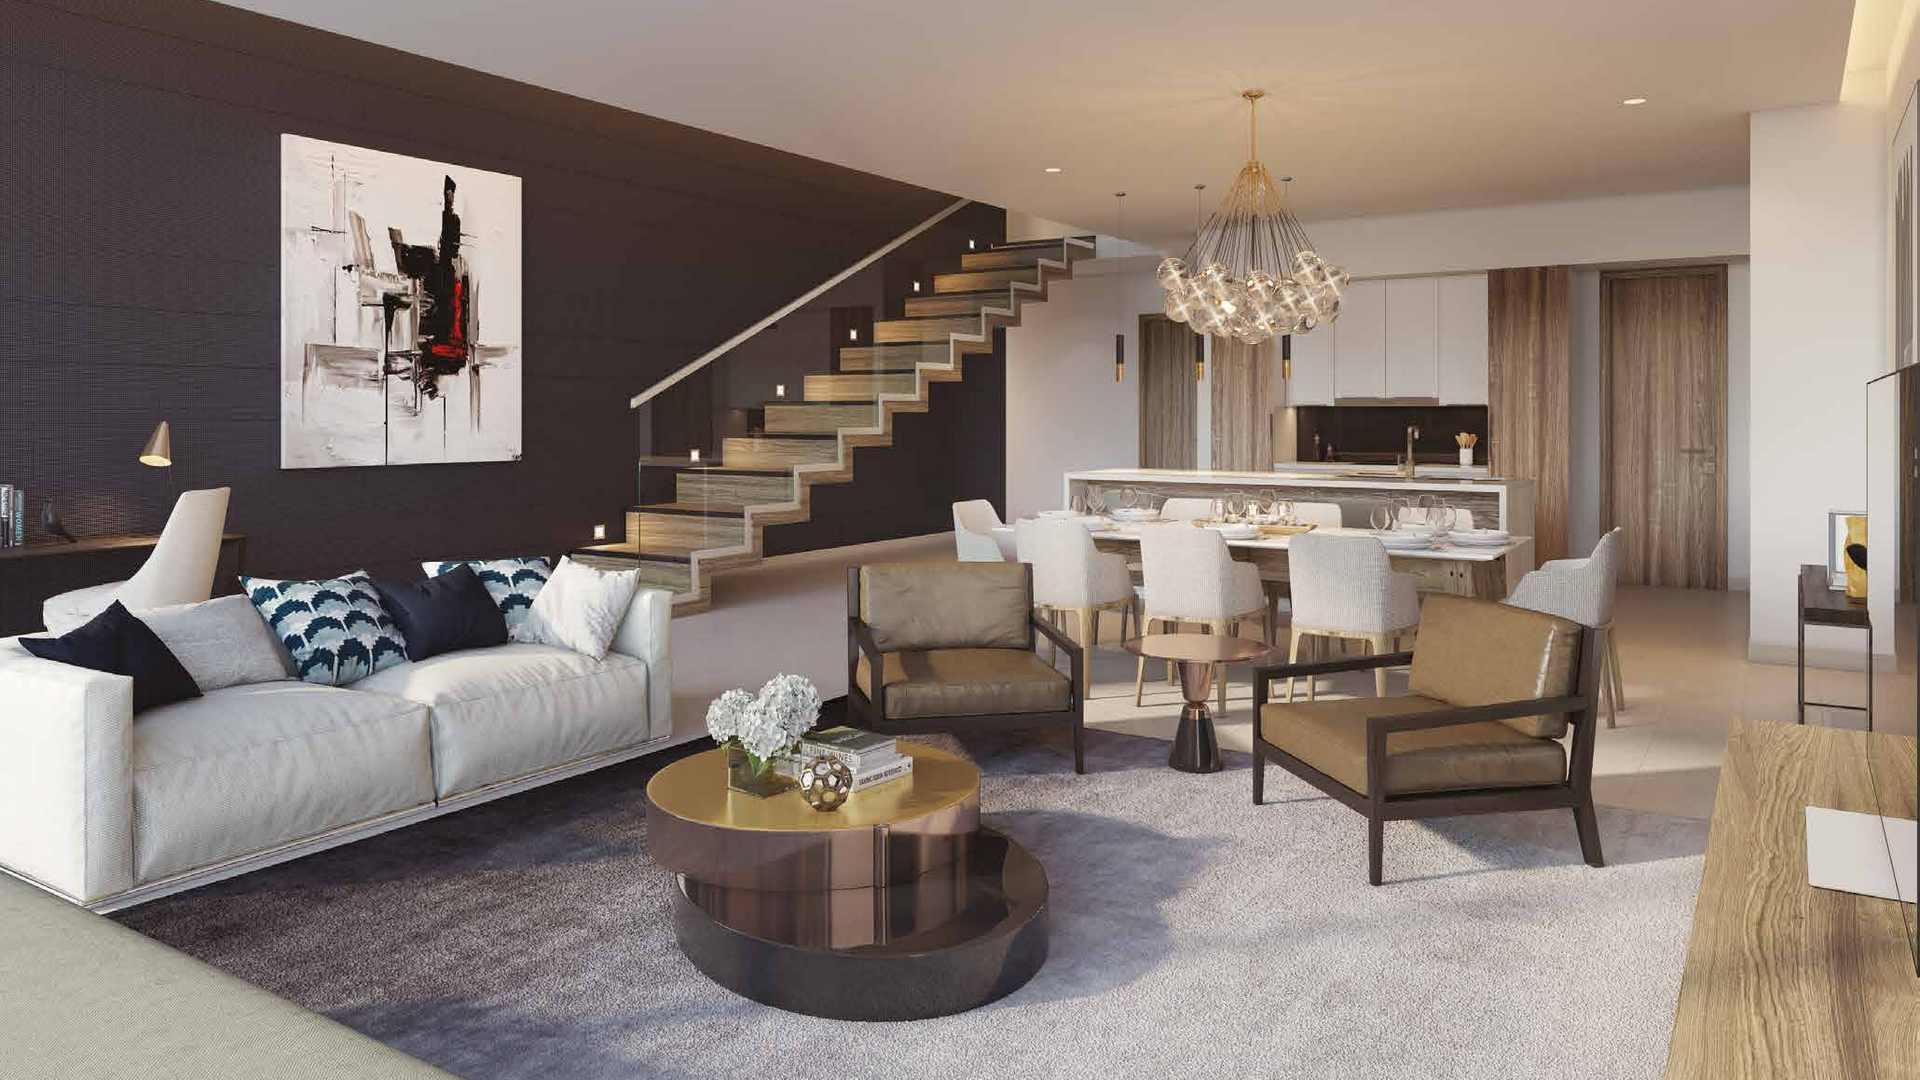 Apartment for sale in Dubai, UAE, 1 bedroom, 71 m2, No. 23852 – photo 1